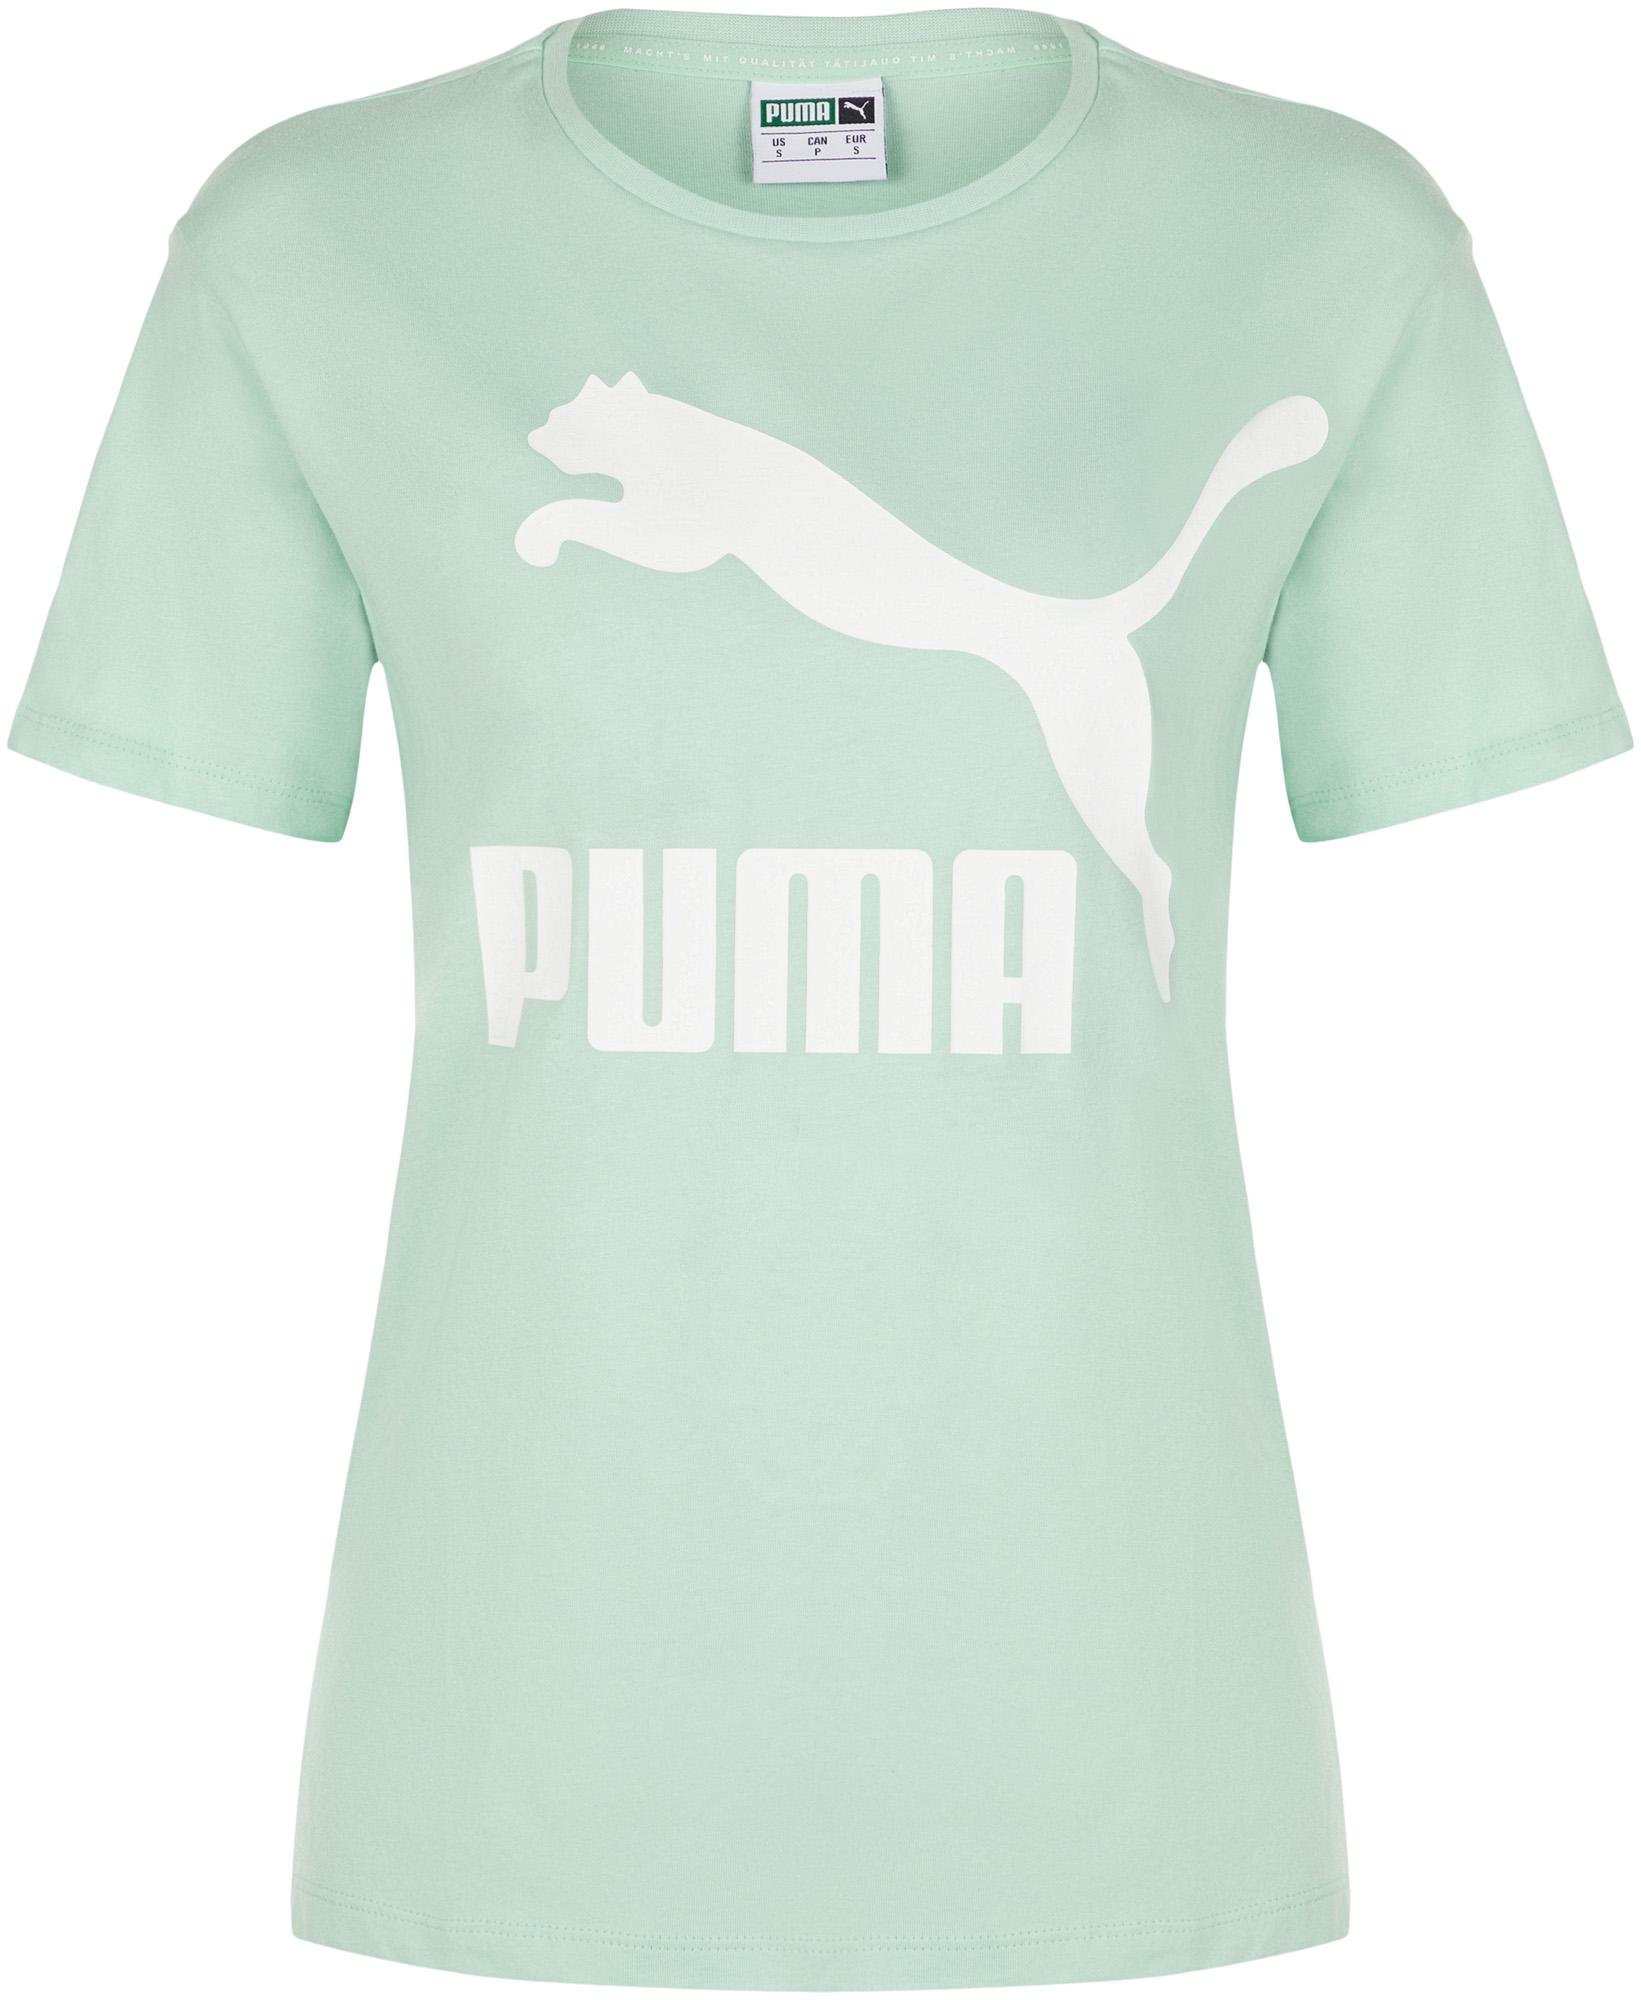 Puma Футболка женская Puma Classics Logo, размер 46-48 цена 2017